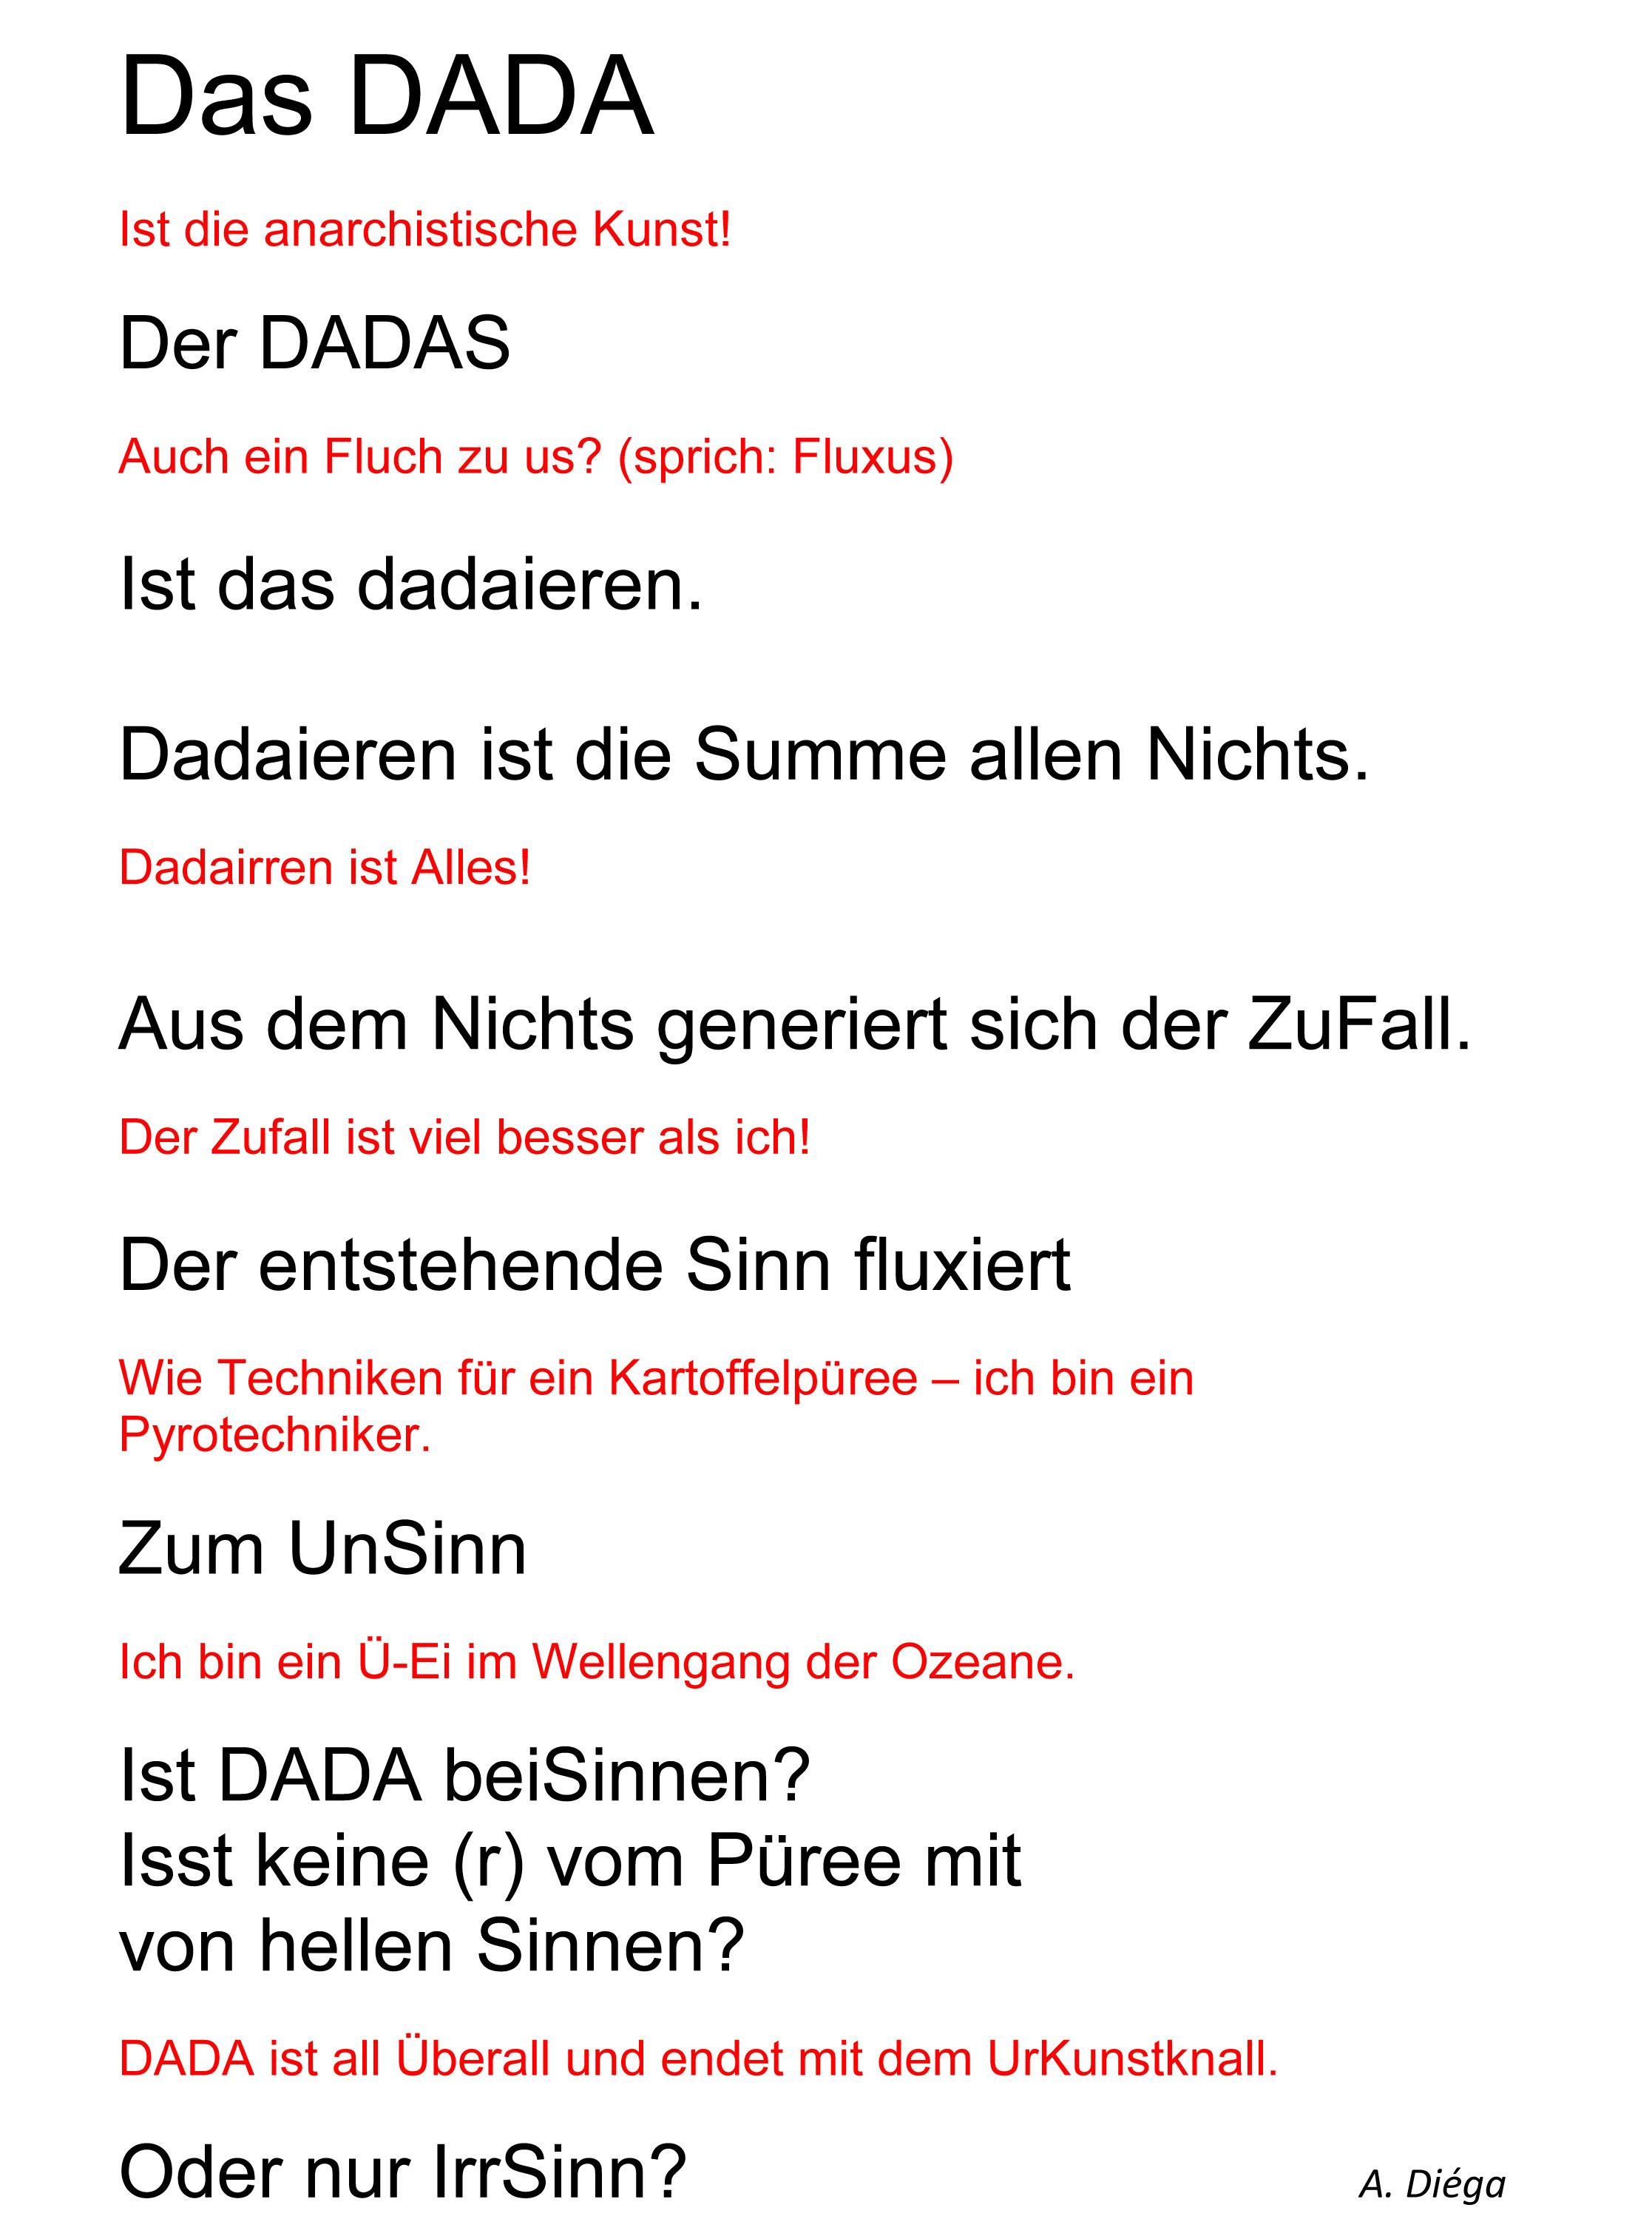 Das DADA der DADAS